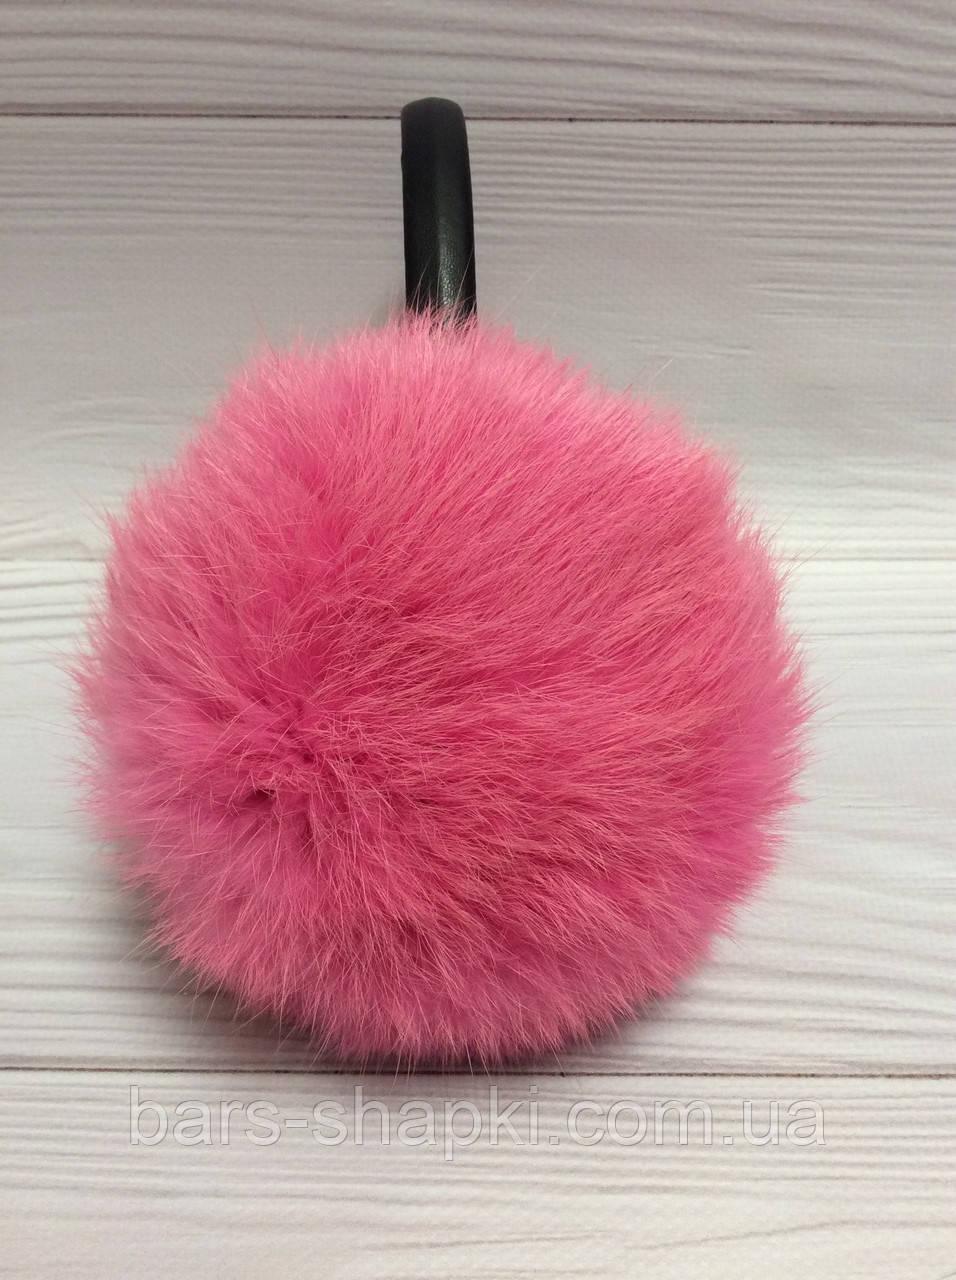 Меховые наушники, мех кролик. Цвет розовый